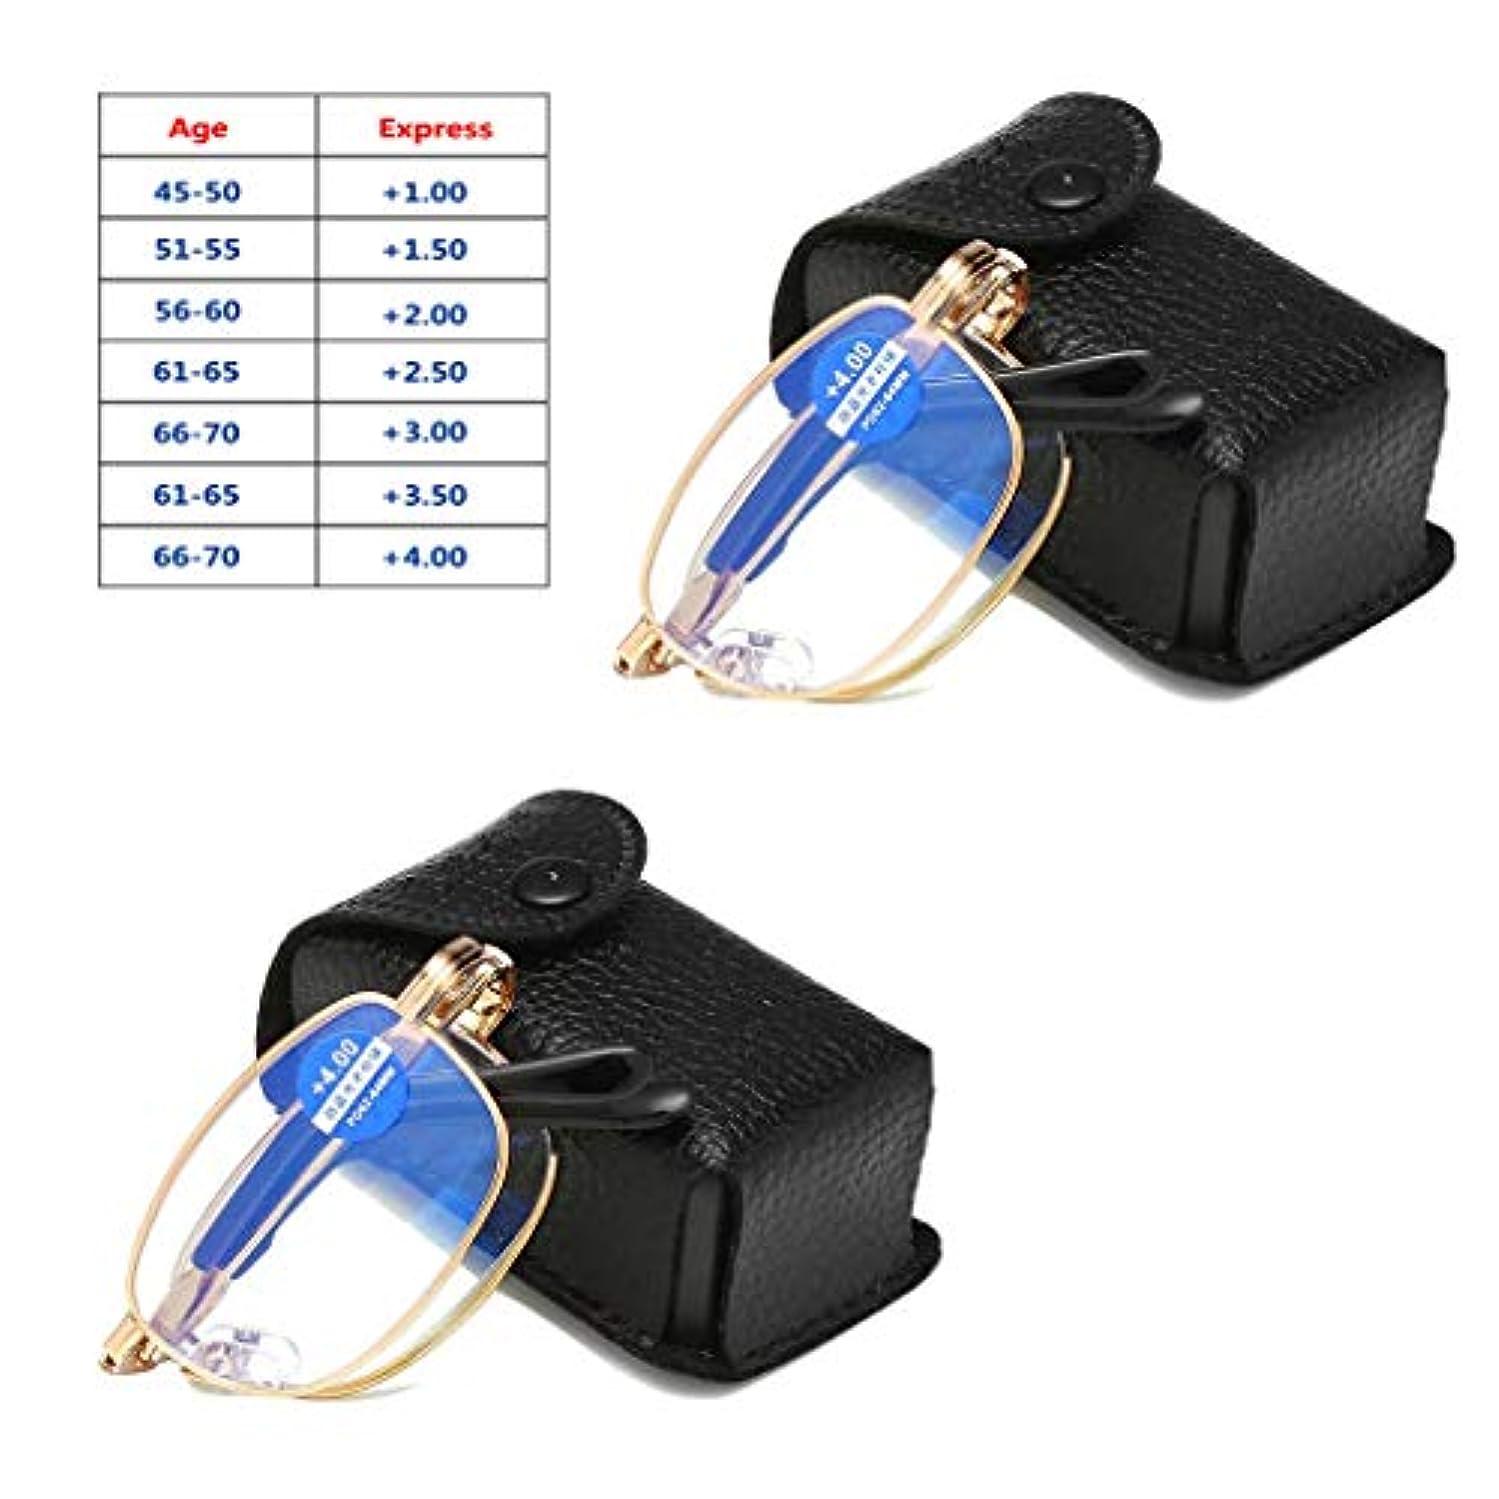 桁気分が良い磁石2628/5000 デュアルユースメガネ、アンチブルーライトアンチ放射老眼鏡。インテリジェントズーム、湾曲した滑り止めデザイン、男性と女性のための高精細折りたたみ。